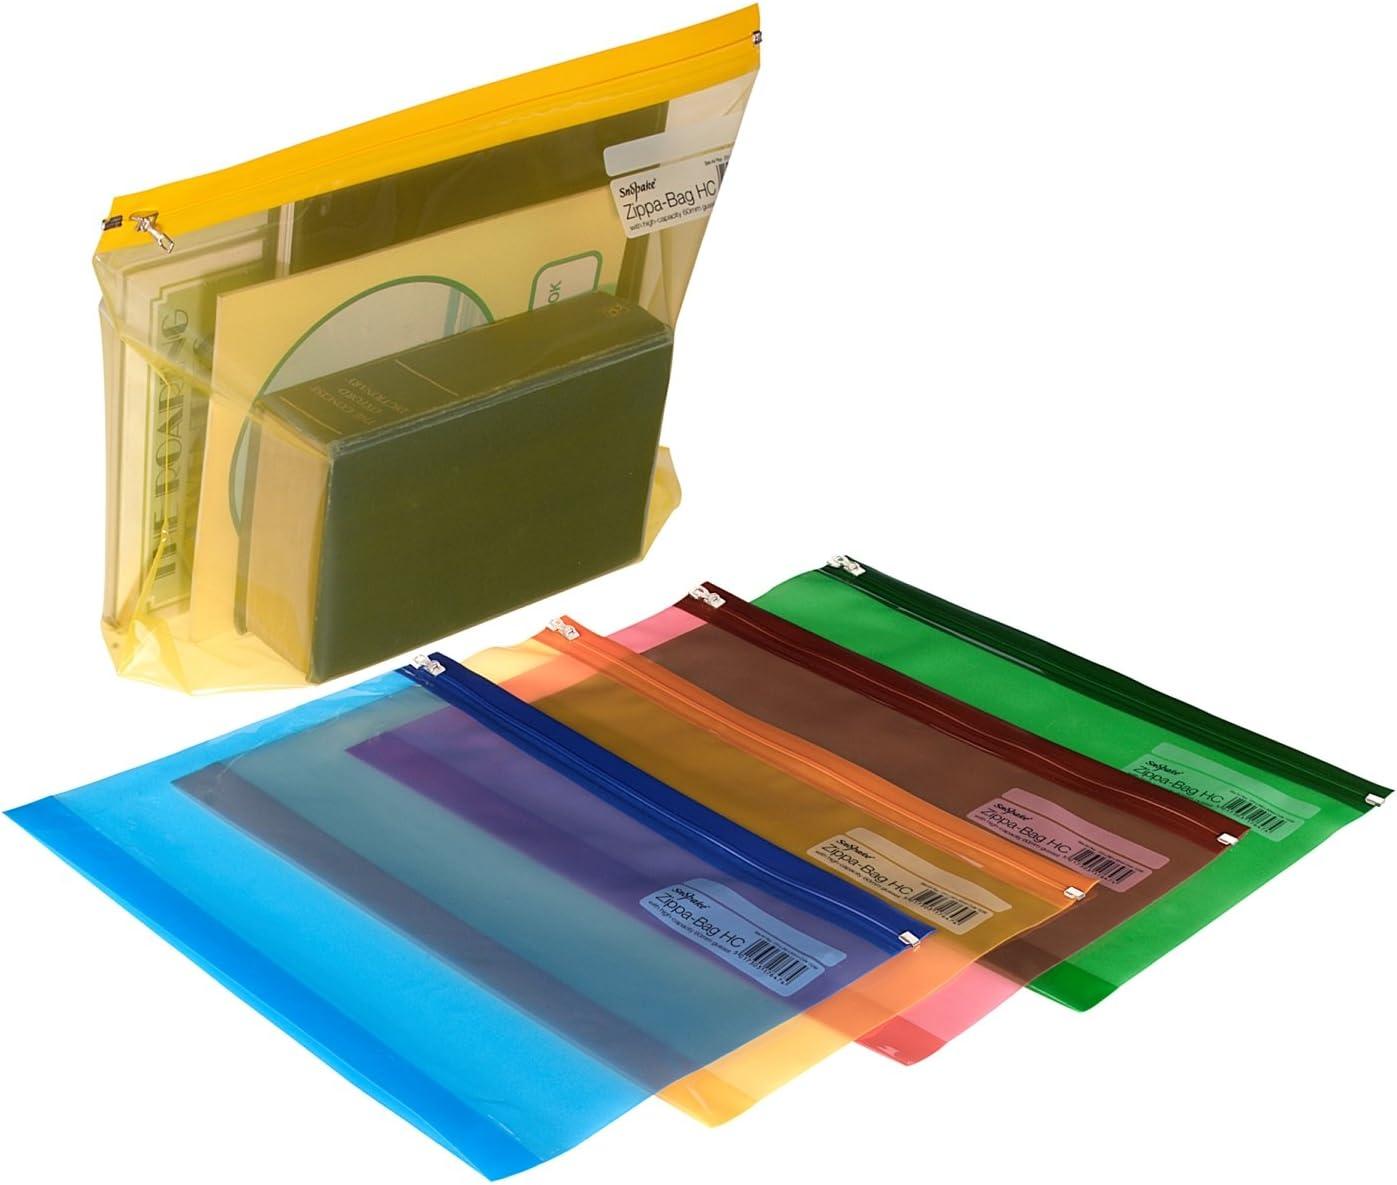 Snopake Zippa Bag - Bolsa con cierre por cursor (5 unidades, A4+, 370 x 260 mm), diseño transparente, multicolor